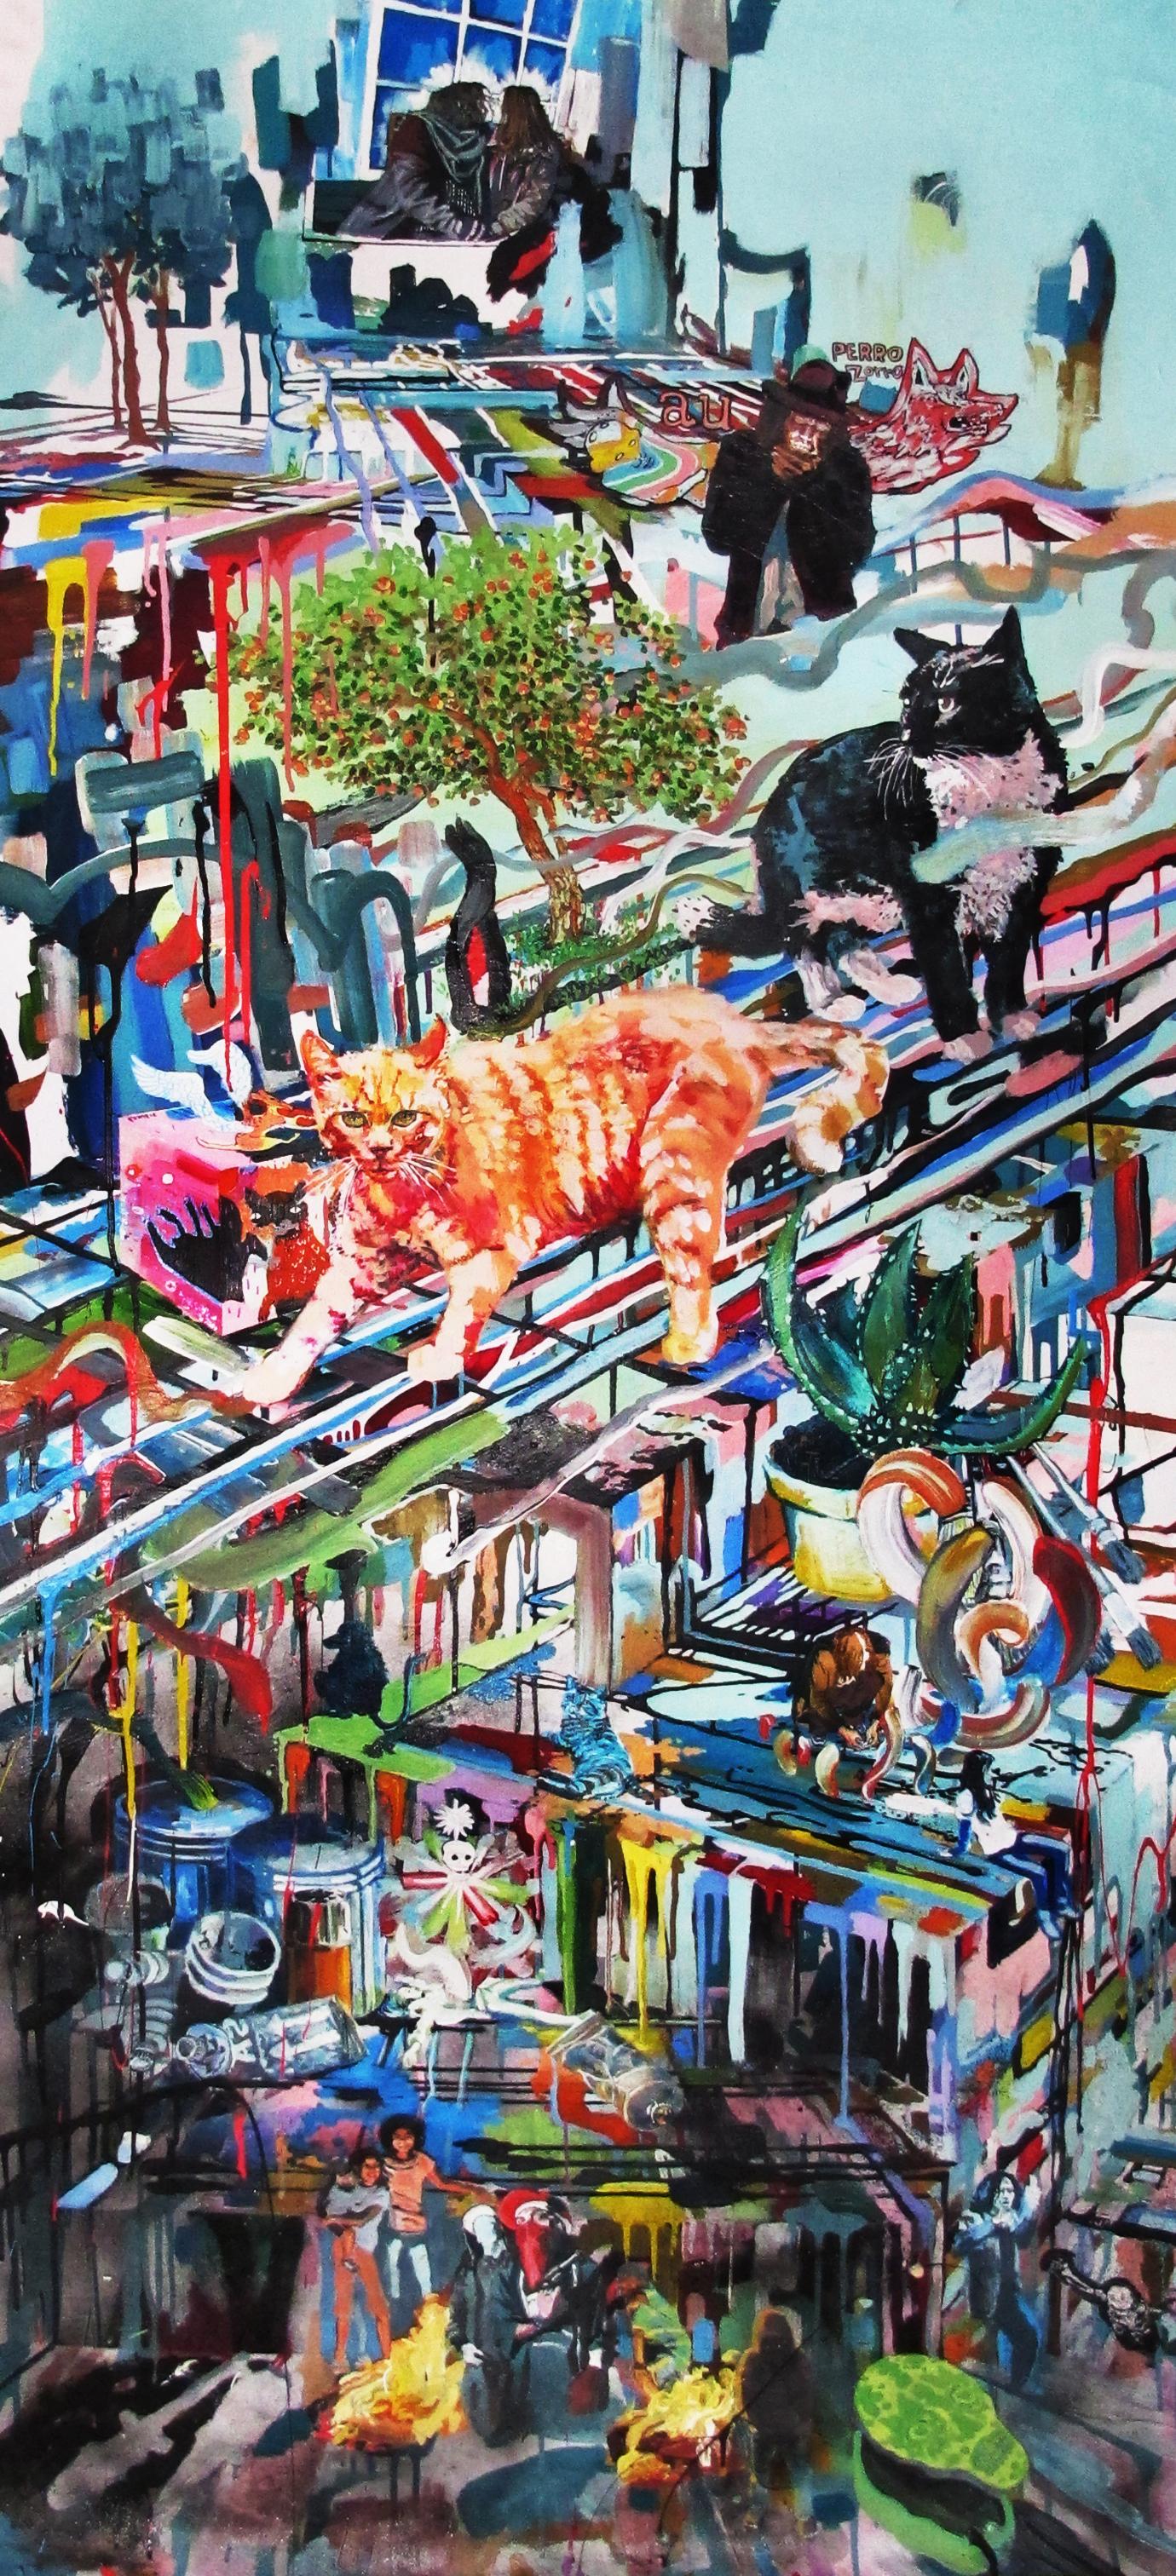 Painter's Studio by Rene Gonzalez